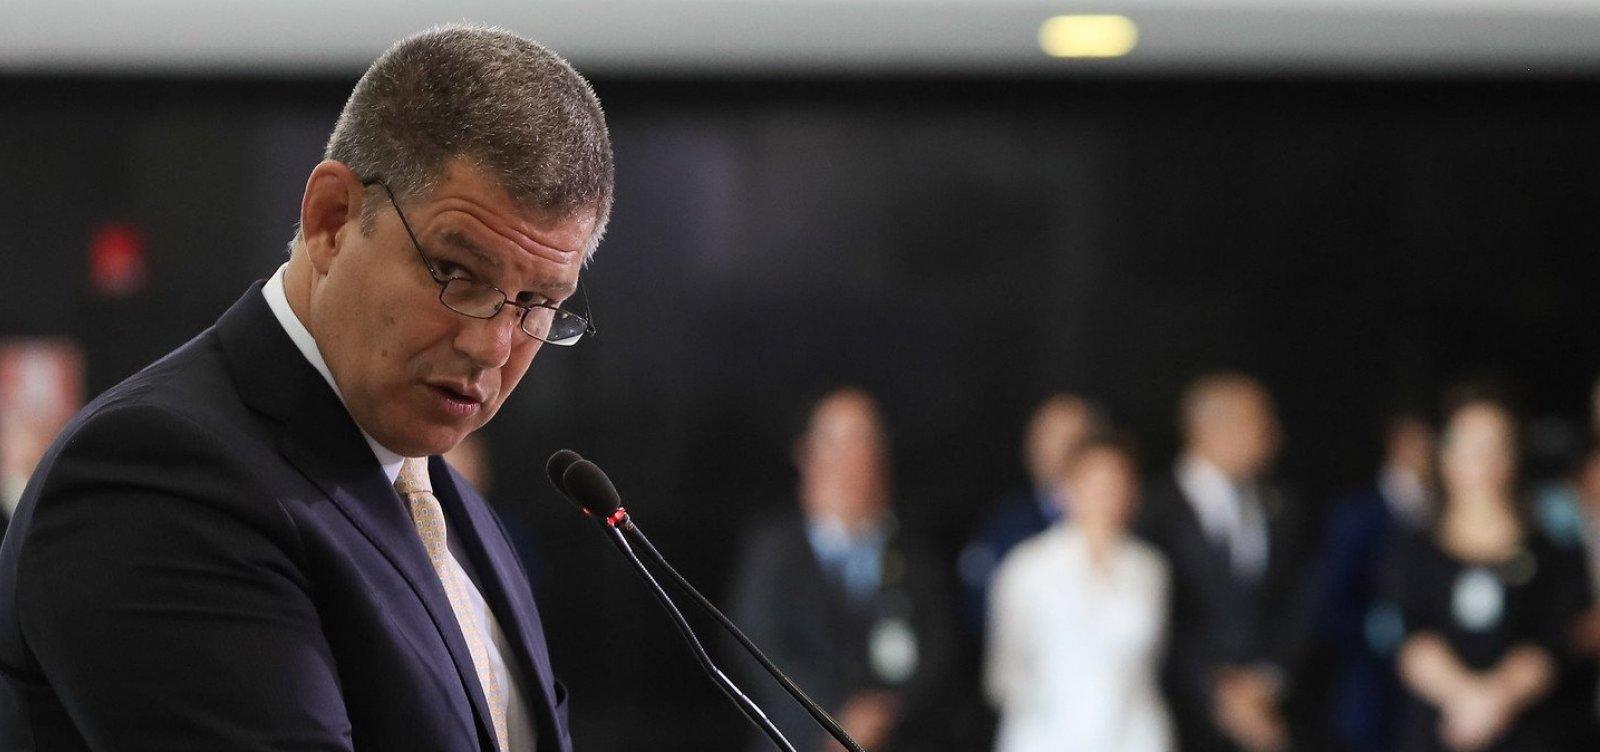 OAB convida ex-ministro Bebianno para ser assessor especial